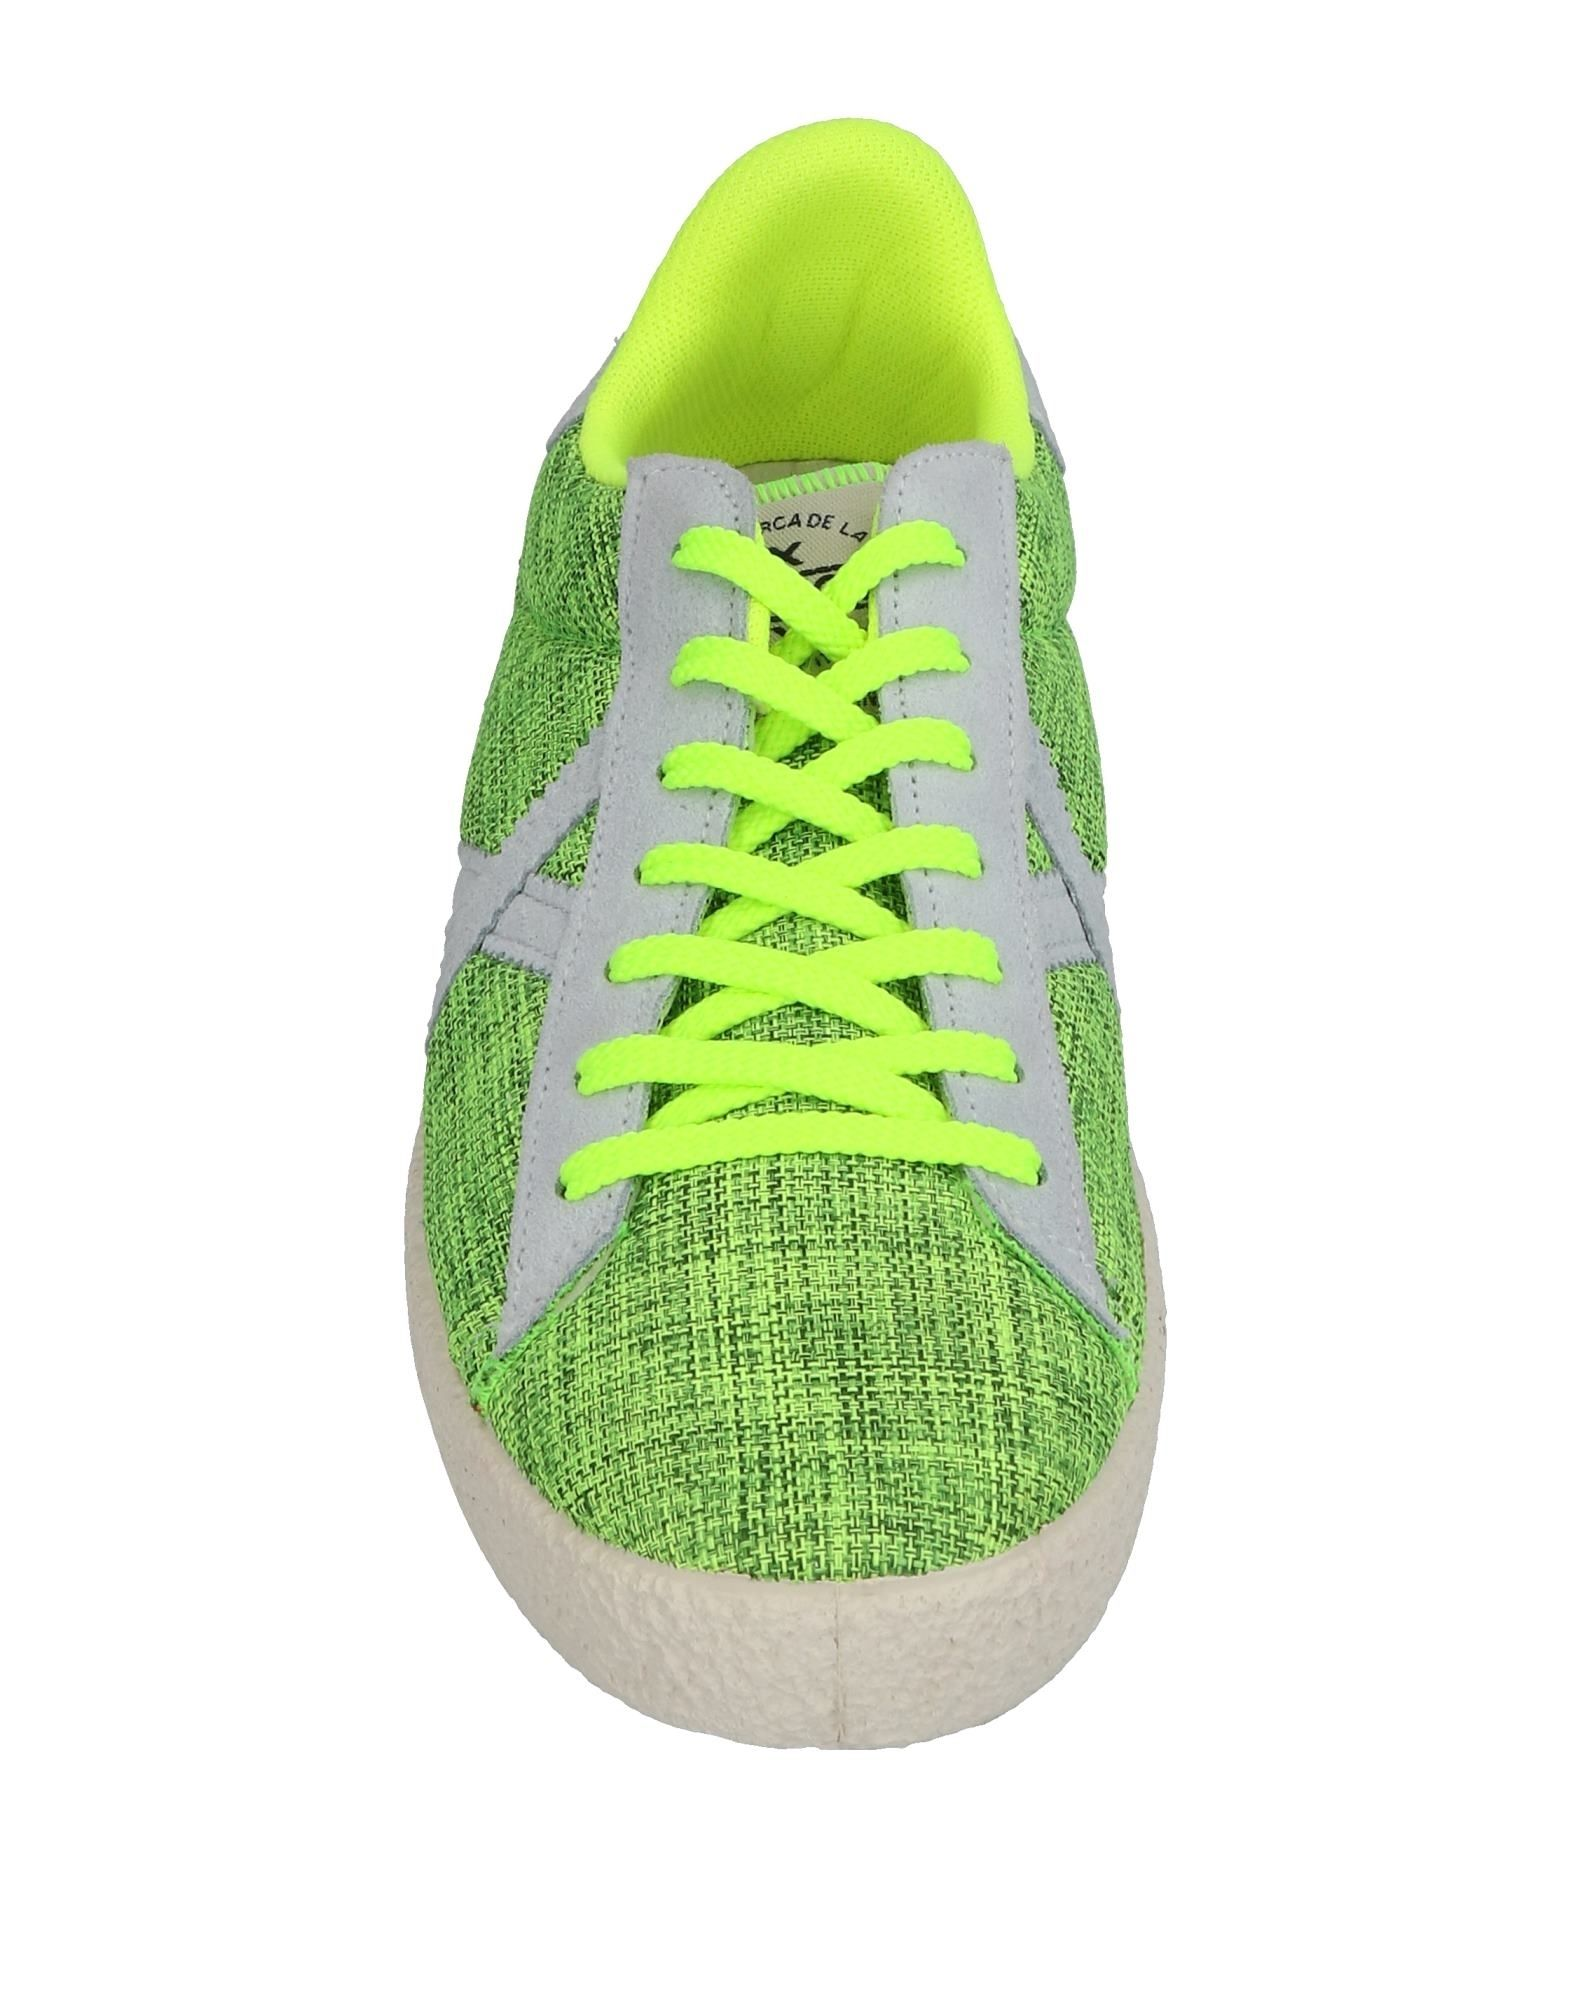 Rabatt echte  Schuhe Munich Sneakers Herren  echte 11446742HE 8e140d